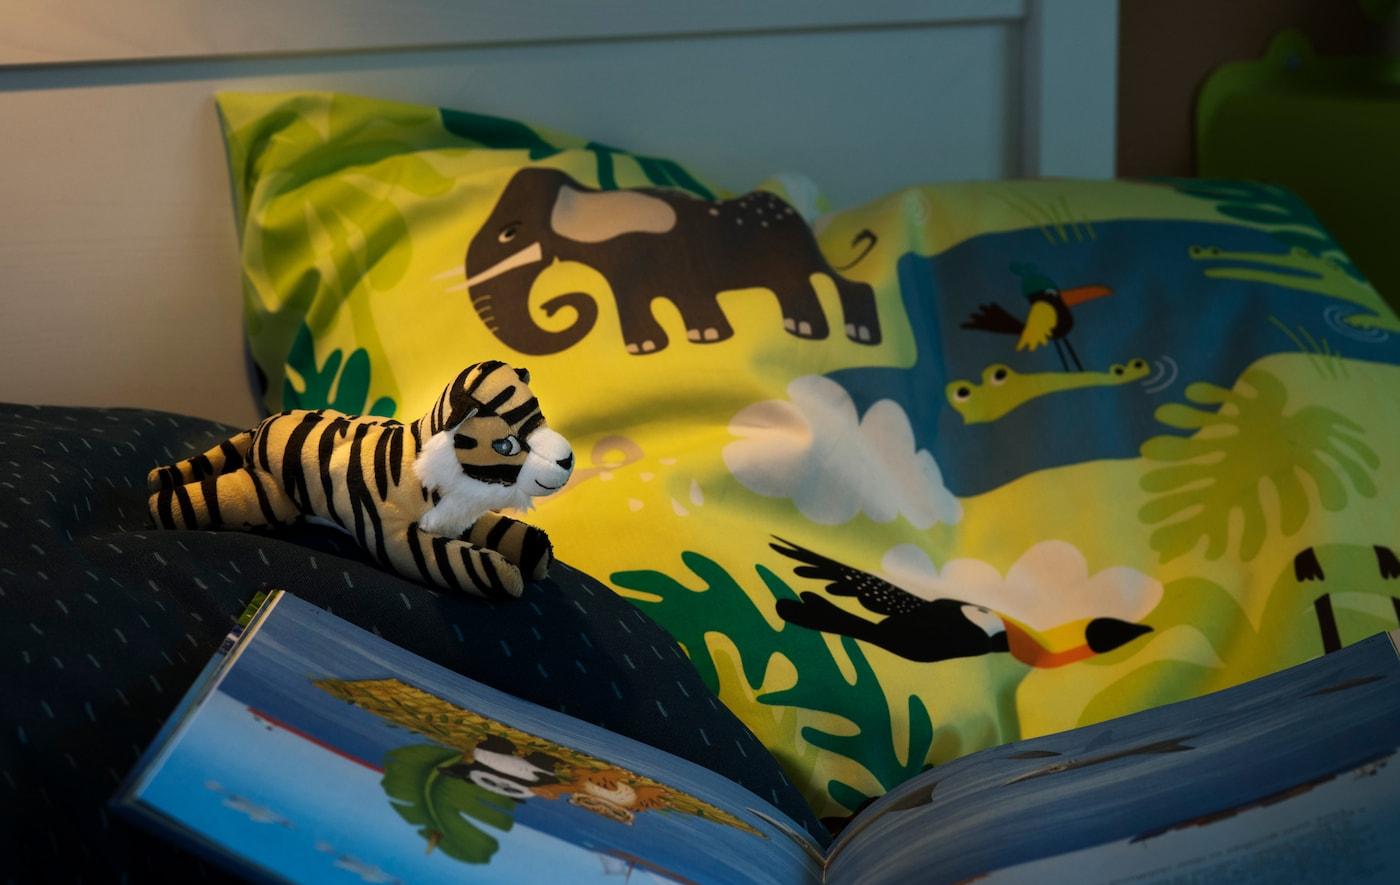 让孩子舒服地睡在用莱赛尔纤维和可持续棉花混纺而成的柔软床上用品中。试试宜家 DJUNGELSKOG 尤恩格斯库格 动物印花被套和枕套吧。